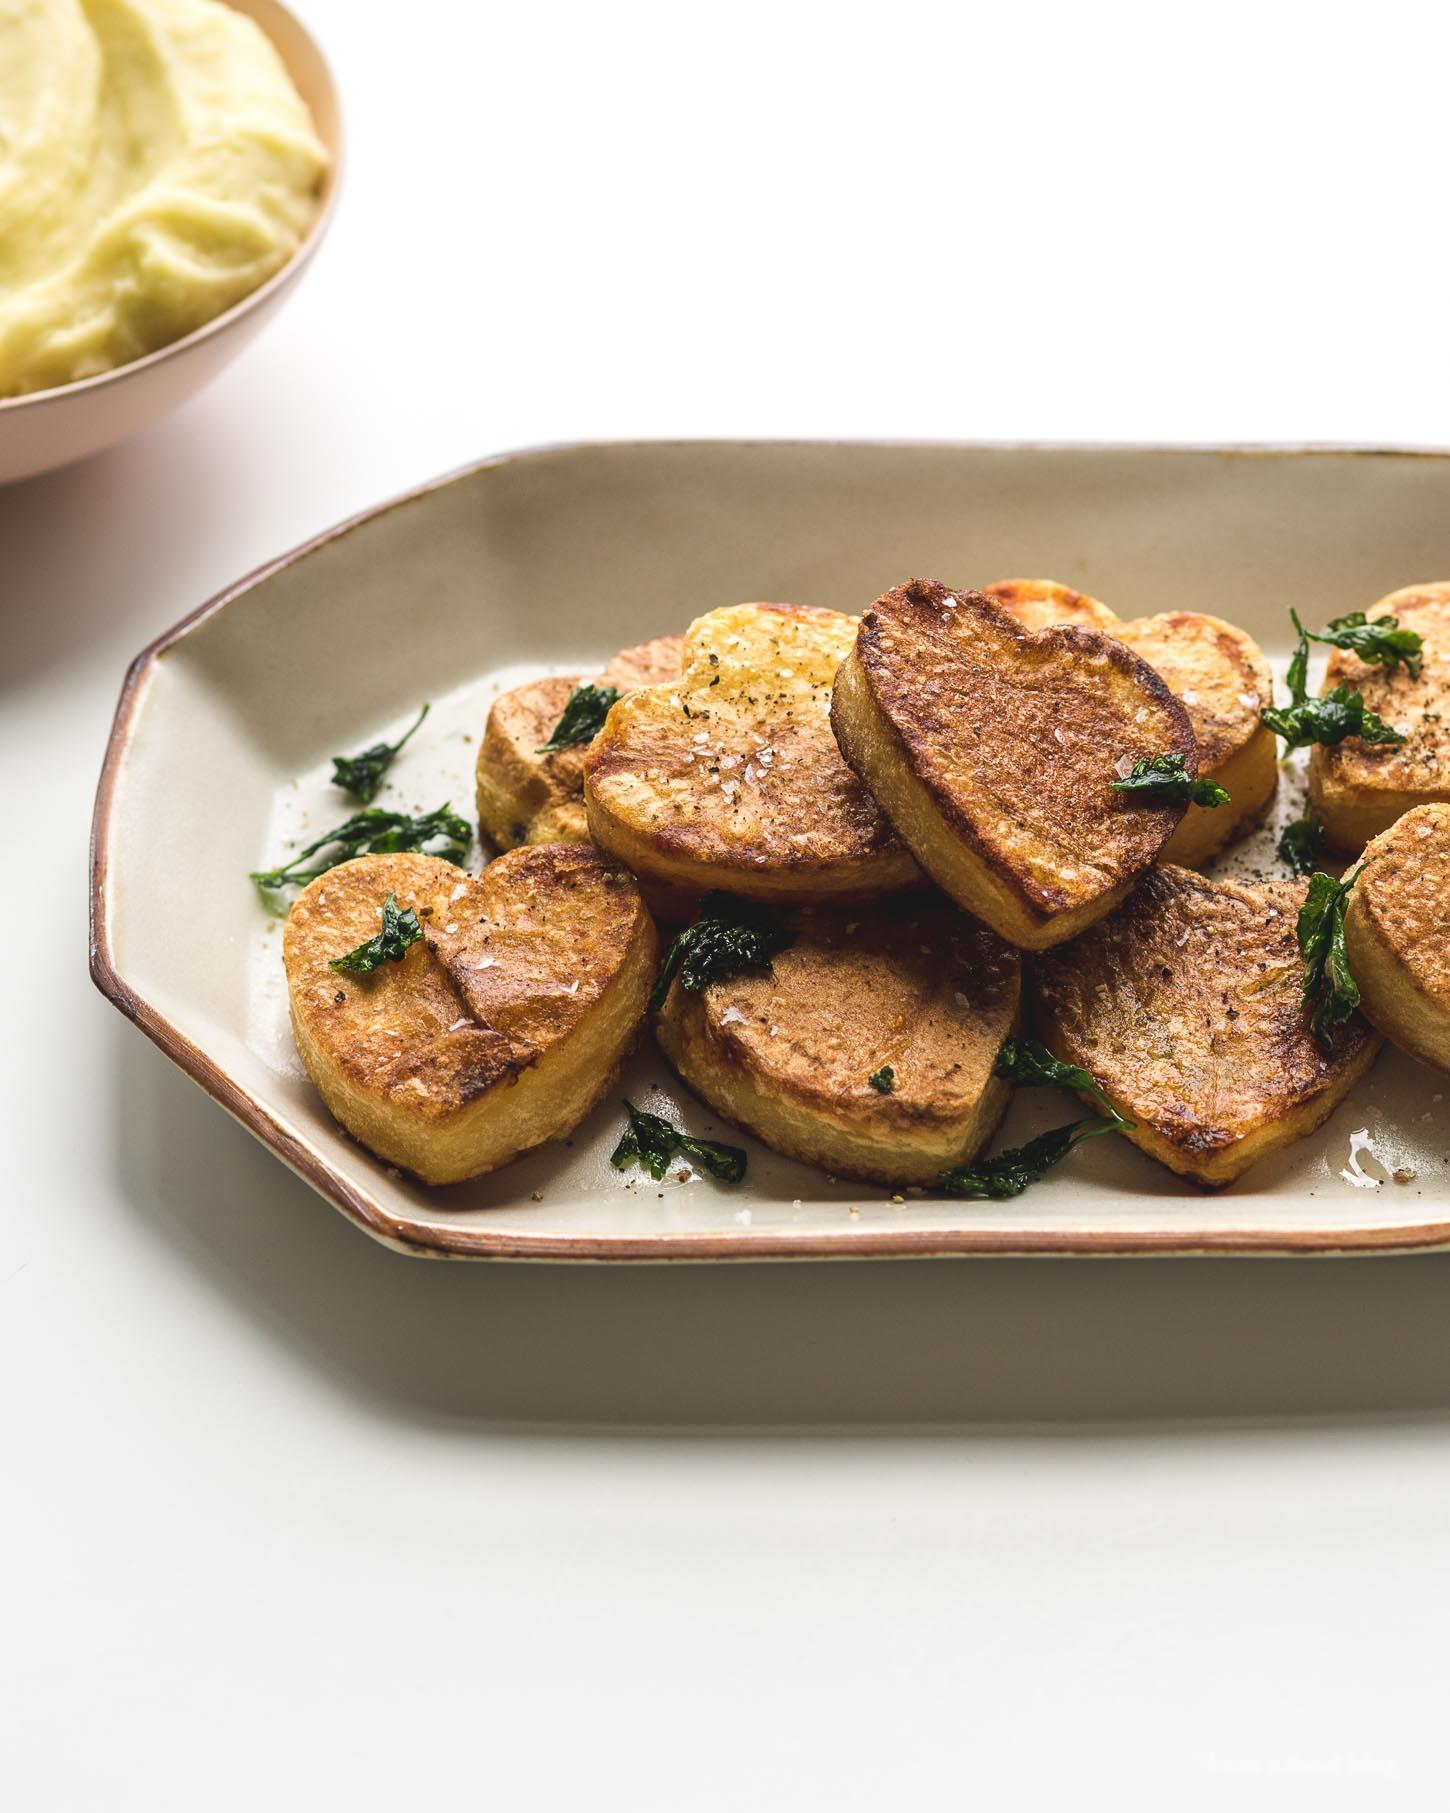 How to Make Heart Shaped Roasted Potatoes | www.iamafoodblog.com